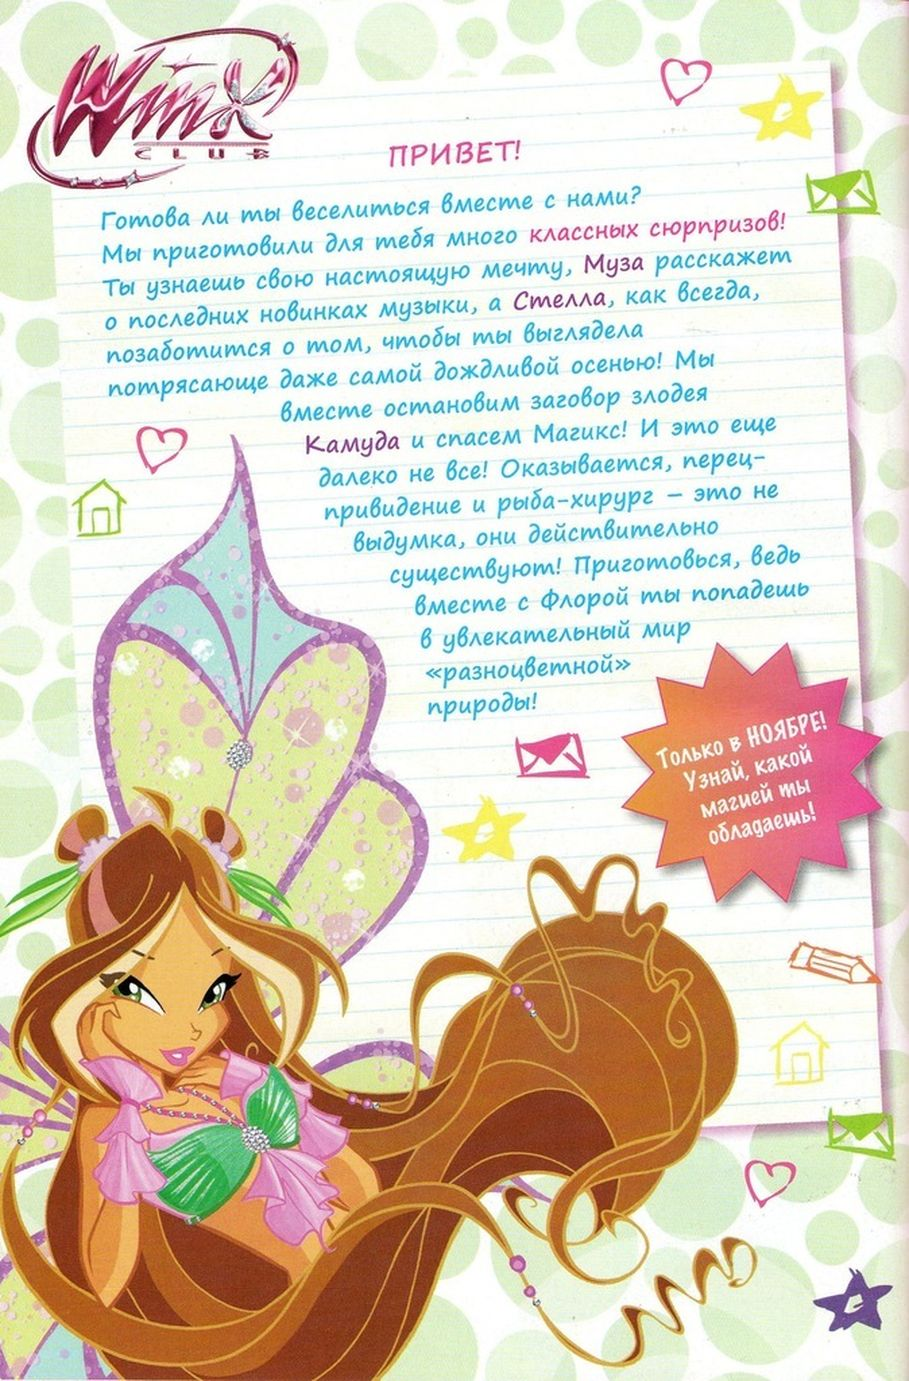 Комикс Винкс Winx - Каменные великаны (Журнал Винкс №11 2011) - стр. 4